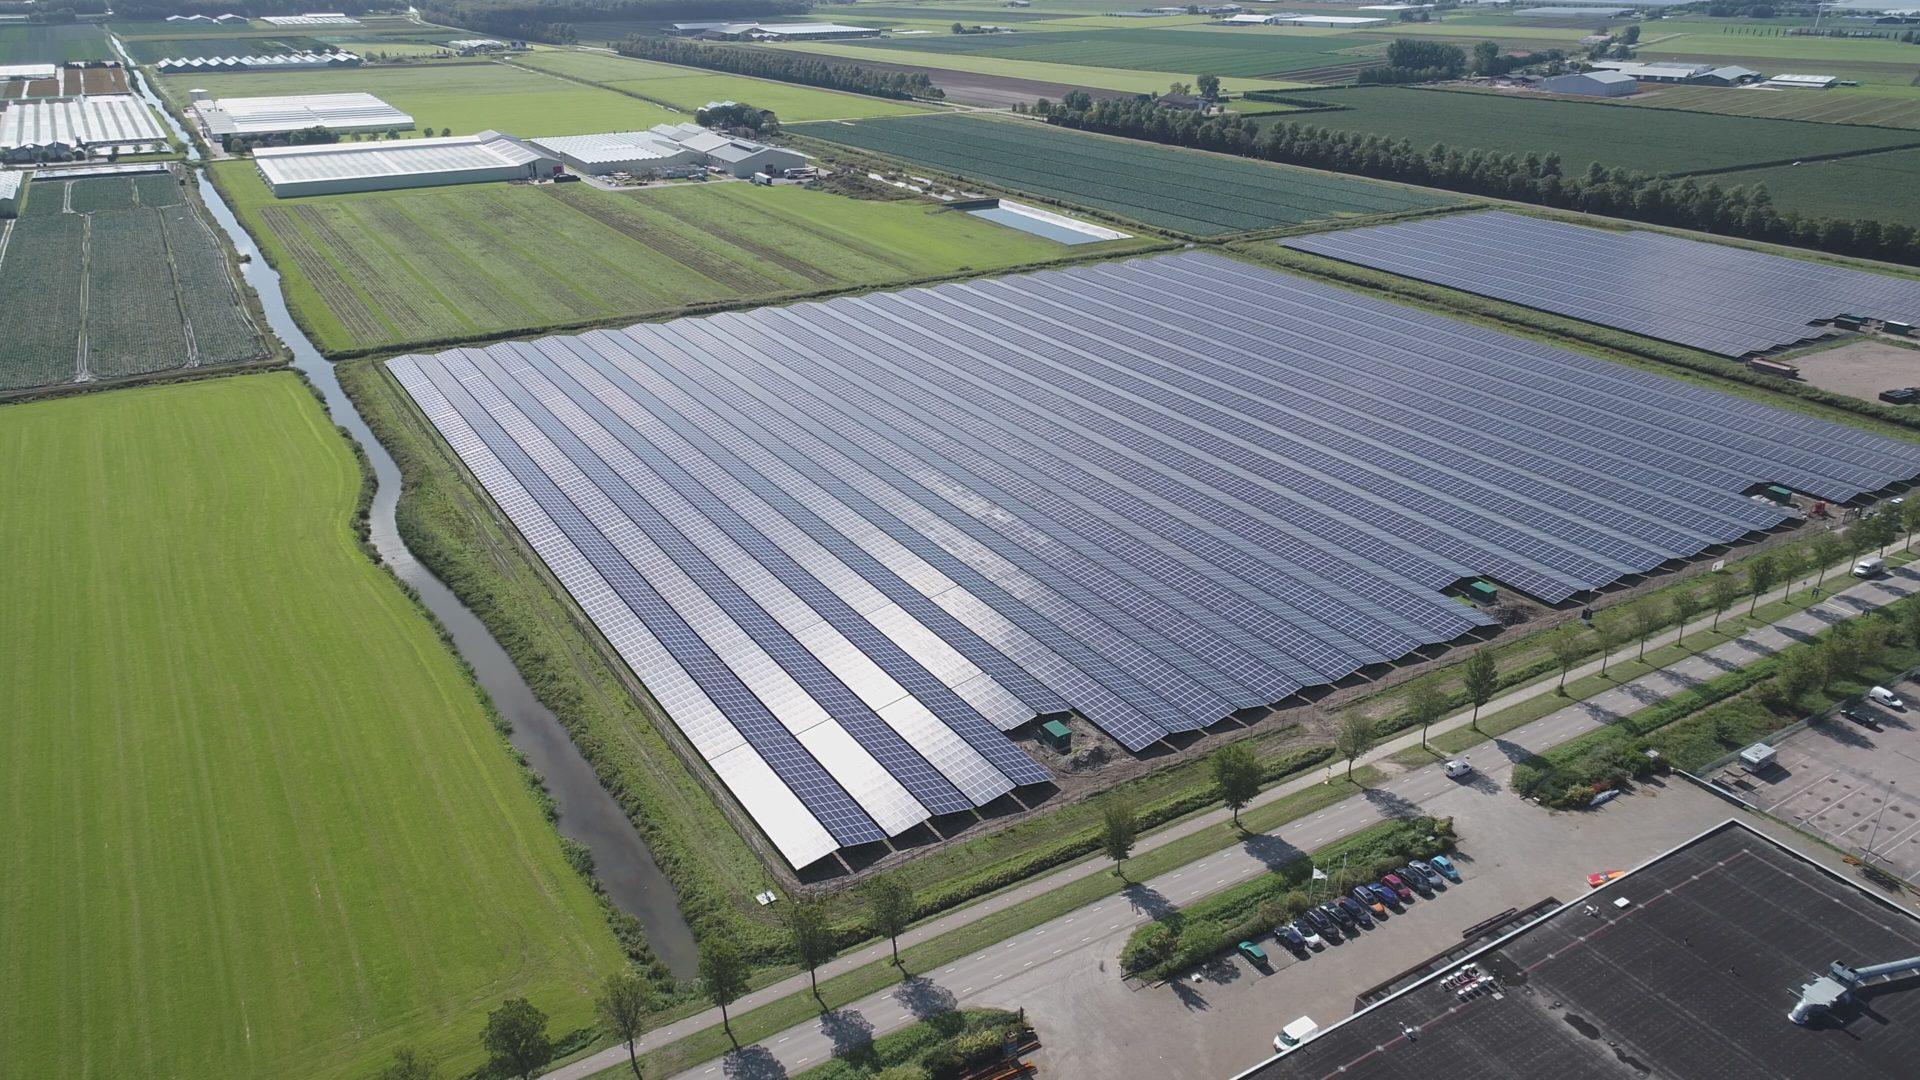 Luftaufnahme der Solaranlage Andjik, Niederlande